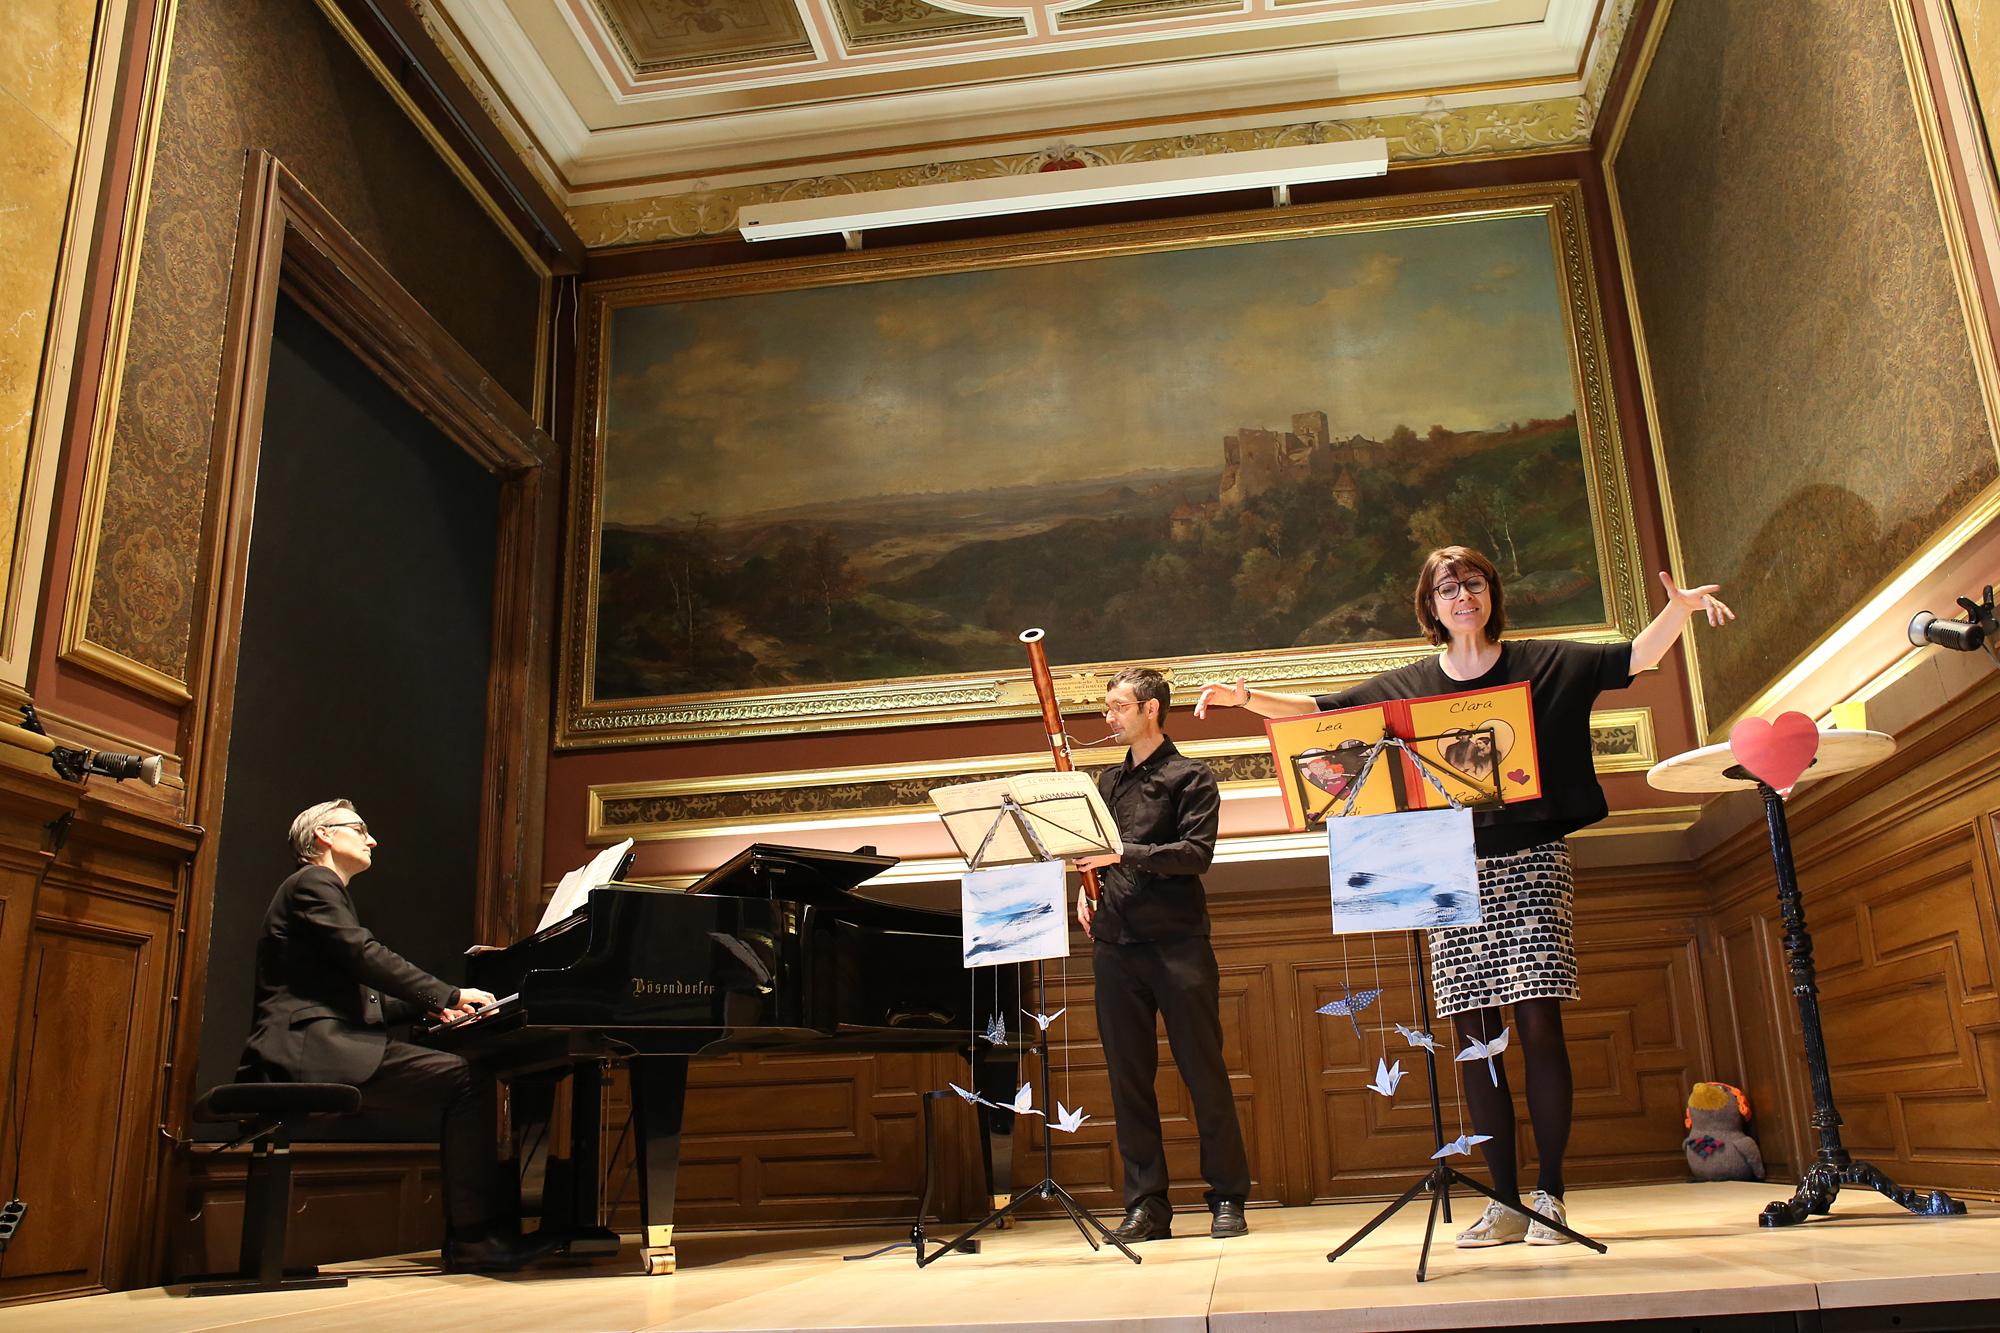 """2016 Poldis Kleine Konzerte """"Hand in Hand"""" - mit Johannes Wregg, Gerhard Hofer und Poldi / Foto: R. Winkler"""